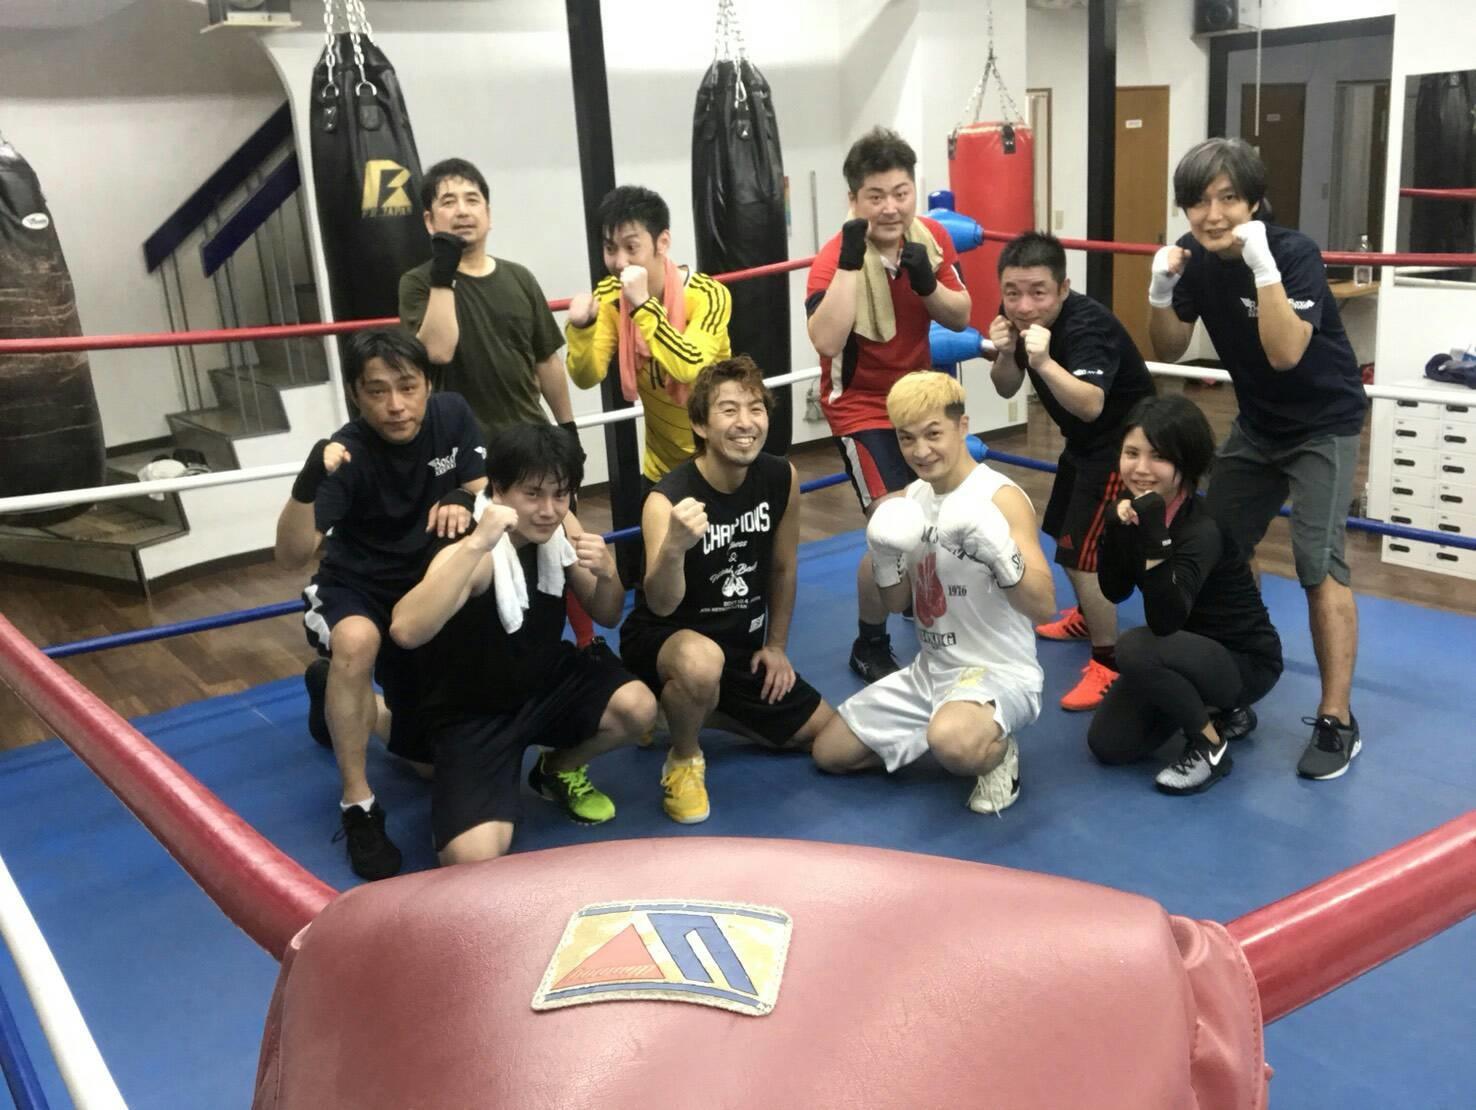 NPO法人 BOXaボクシングレッスン (第22代WBA世界スーパーバンタム級チャンピオン 佐藤 修)